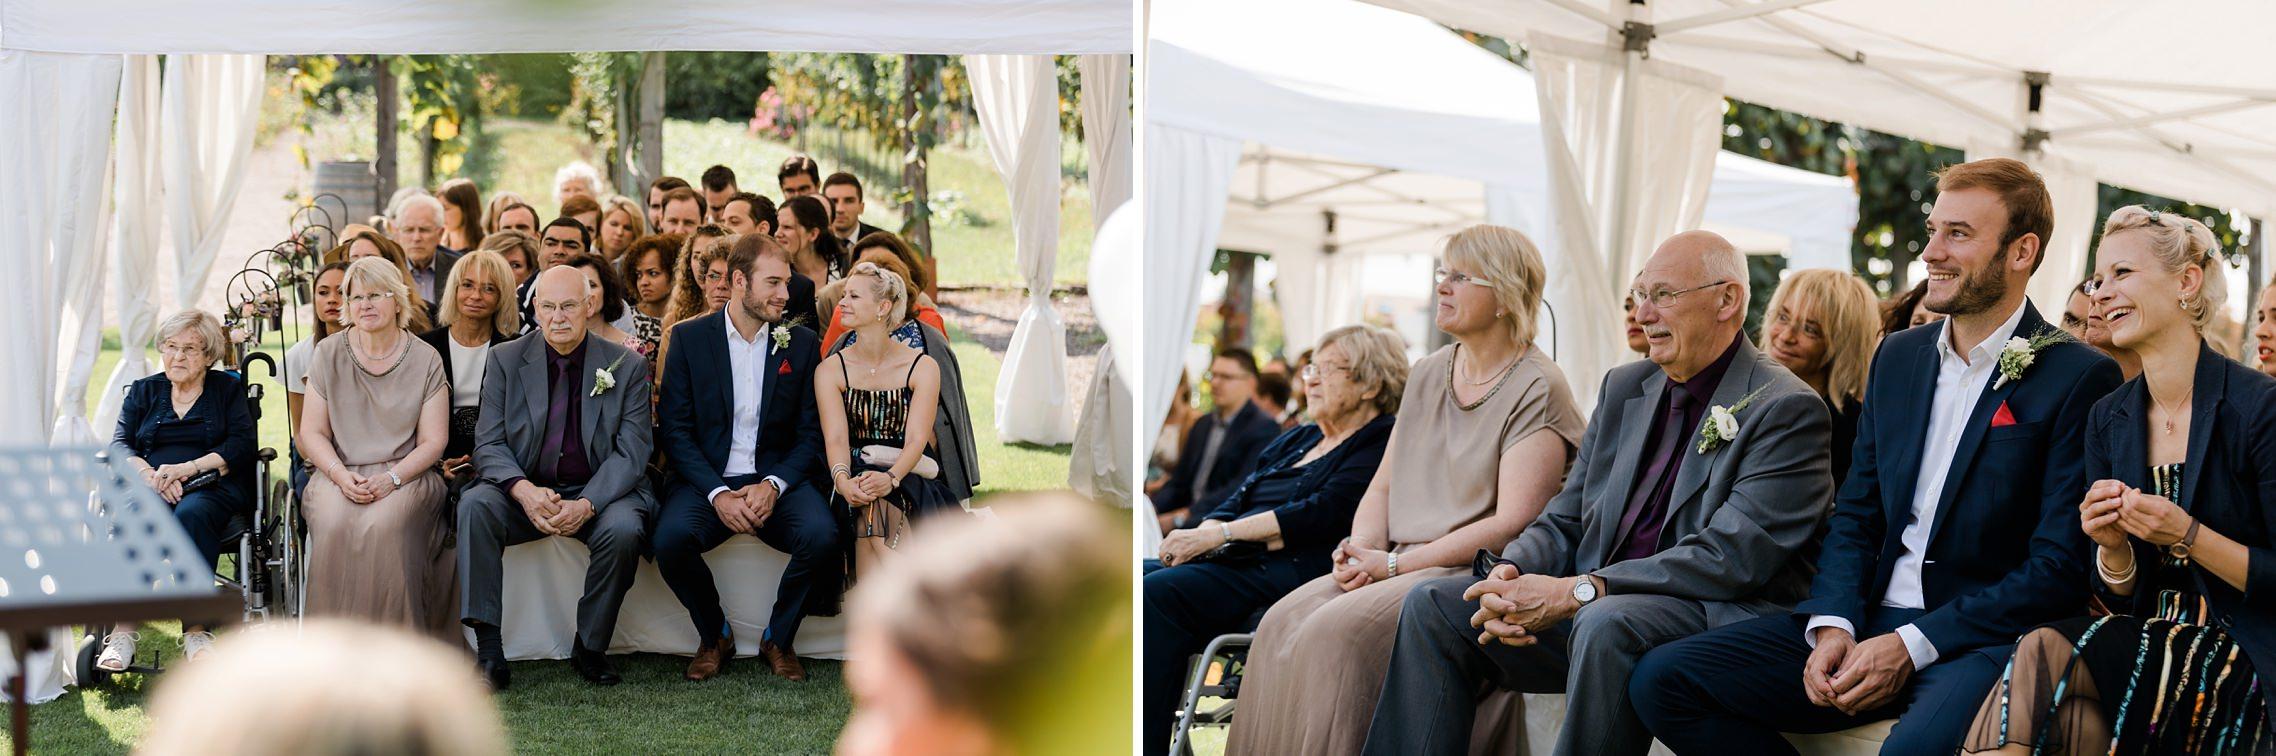 Die Familien und Freunde freuen sich mit dem Hochzeitspaar während der Freien Trauung im Weingut Fitz-Ritter in Bad Dürkheim.